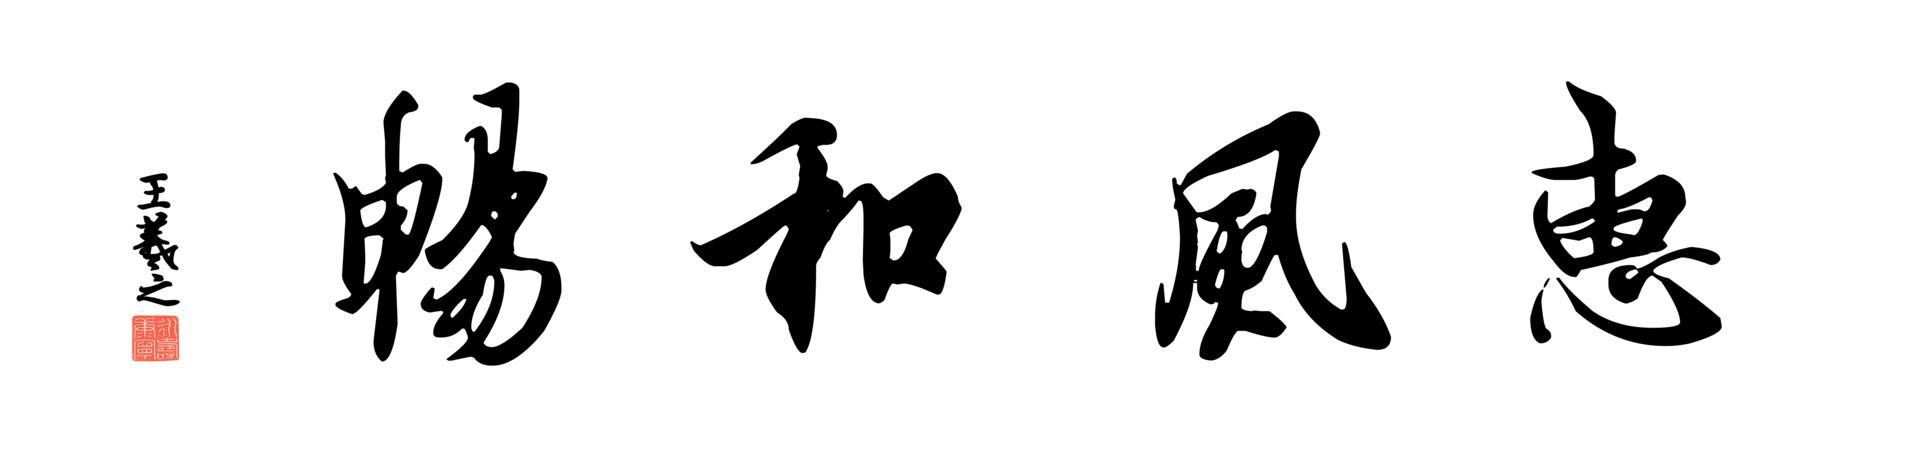 0083_王羲之兰亭体数字书法-四字横幅惠风和畅136x33cm_21417x5197PX_TIF_400DPI_326_0